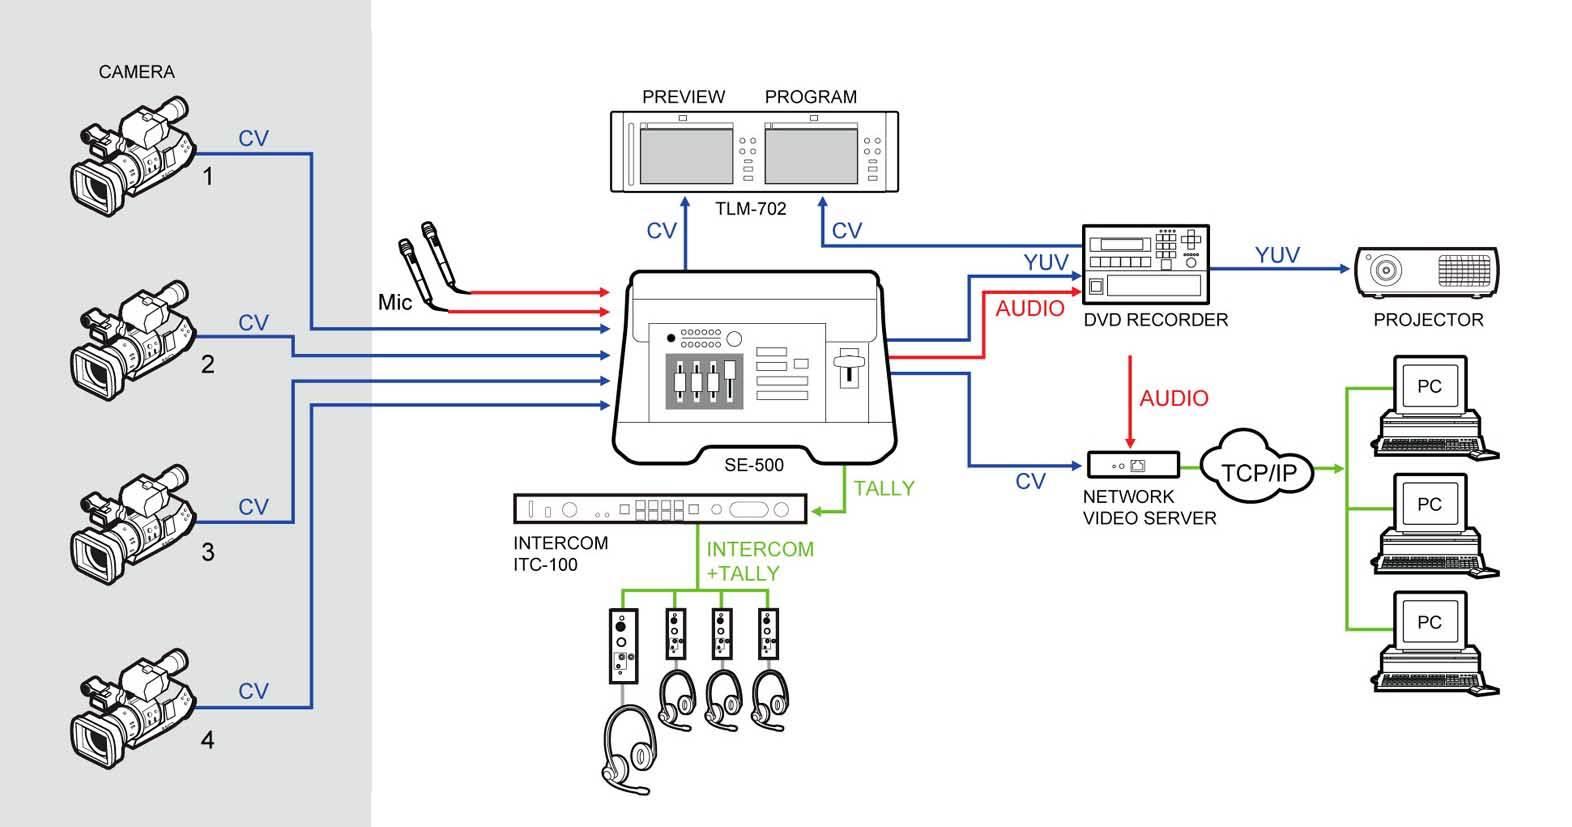 دیاگرام تجهیزات متصل شده به میکسر تصویر Datavideo مدل SE 500